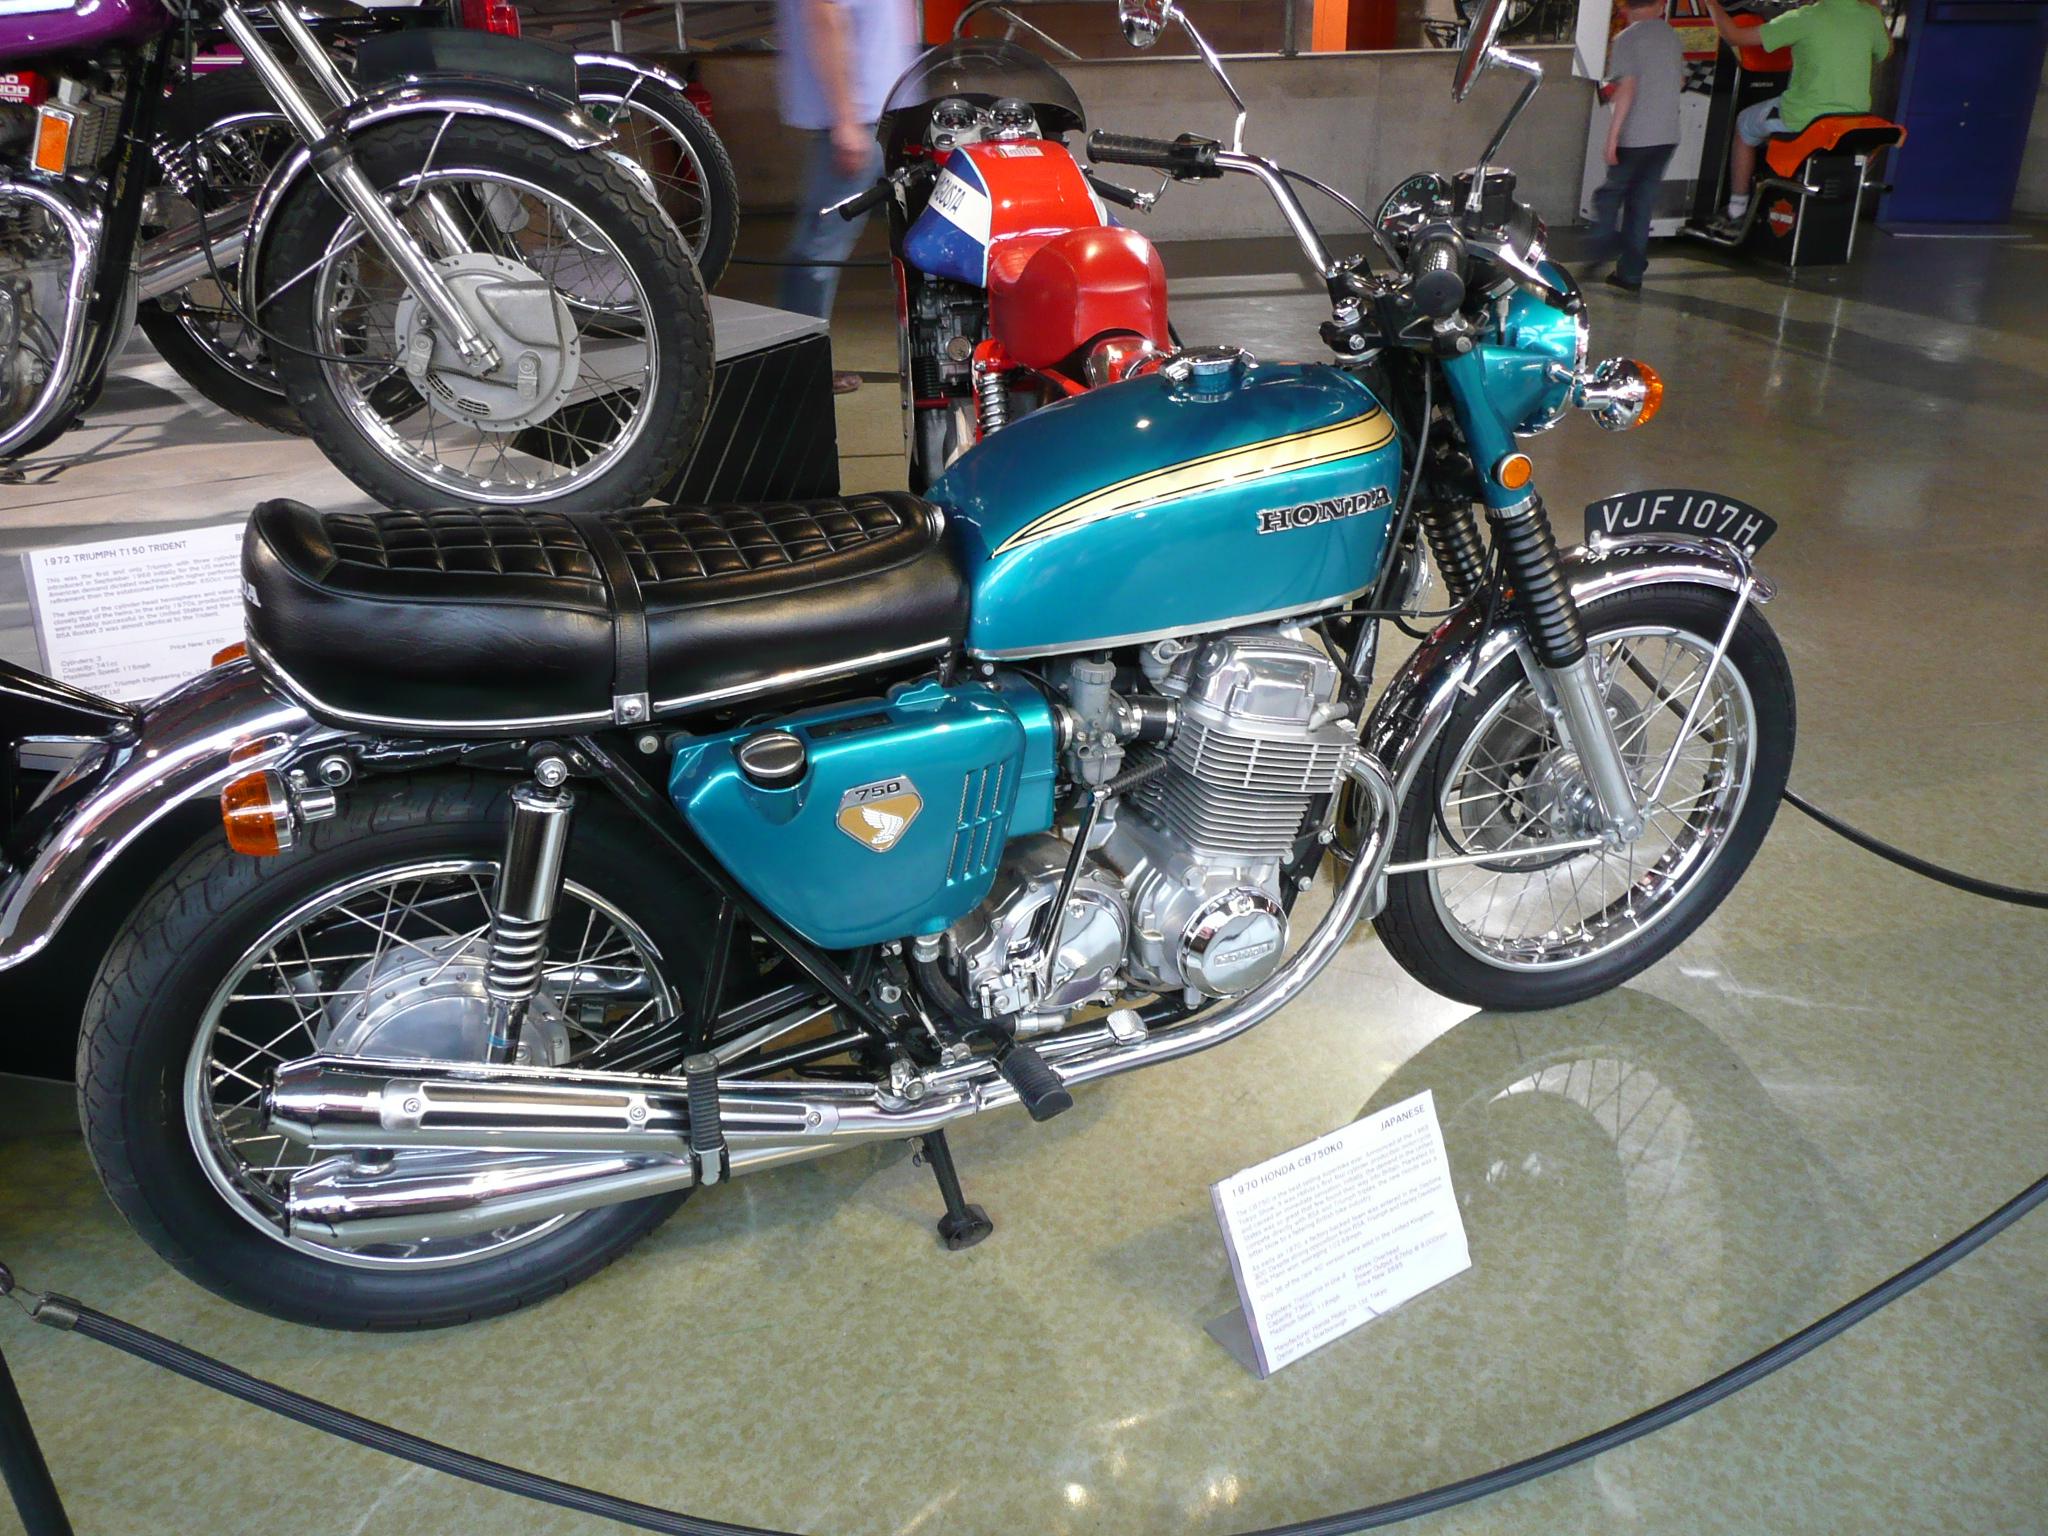 Kawasaki Austin Tx